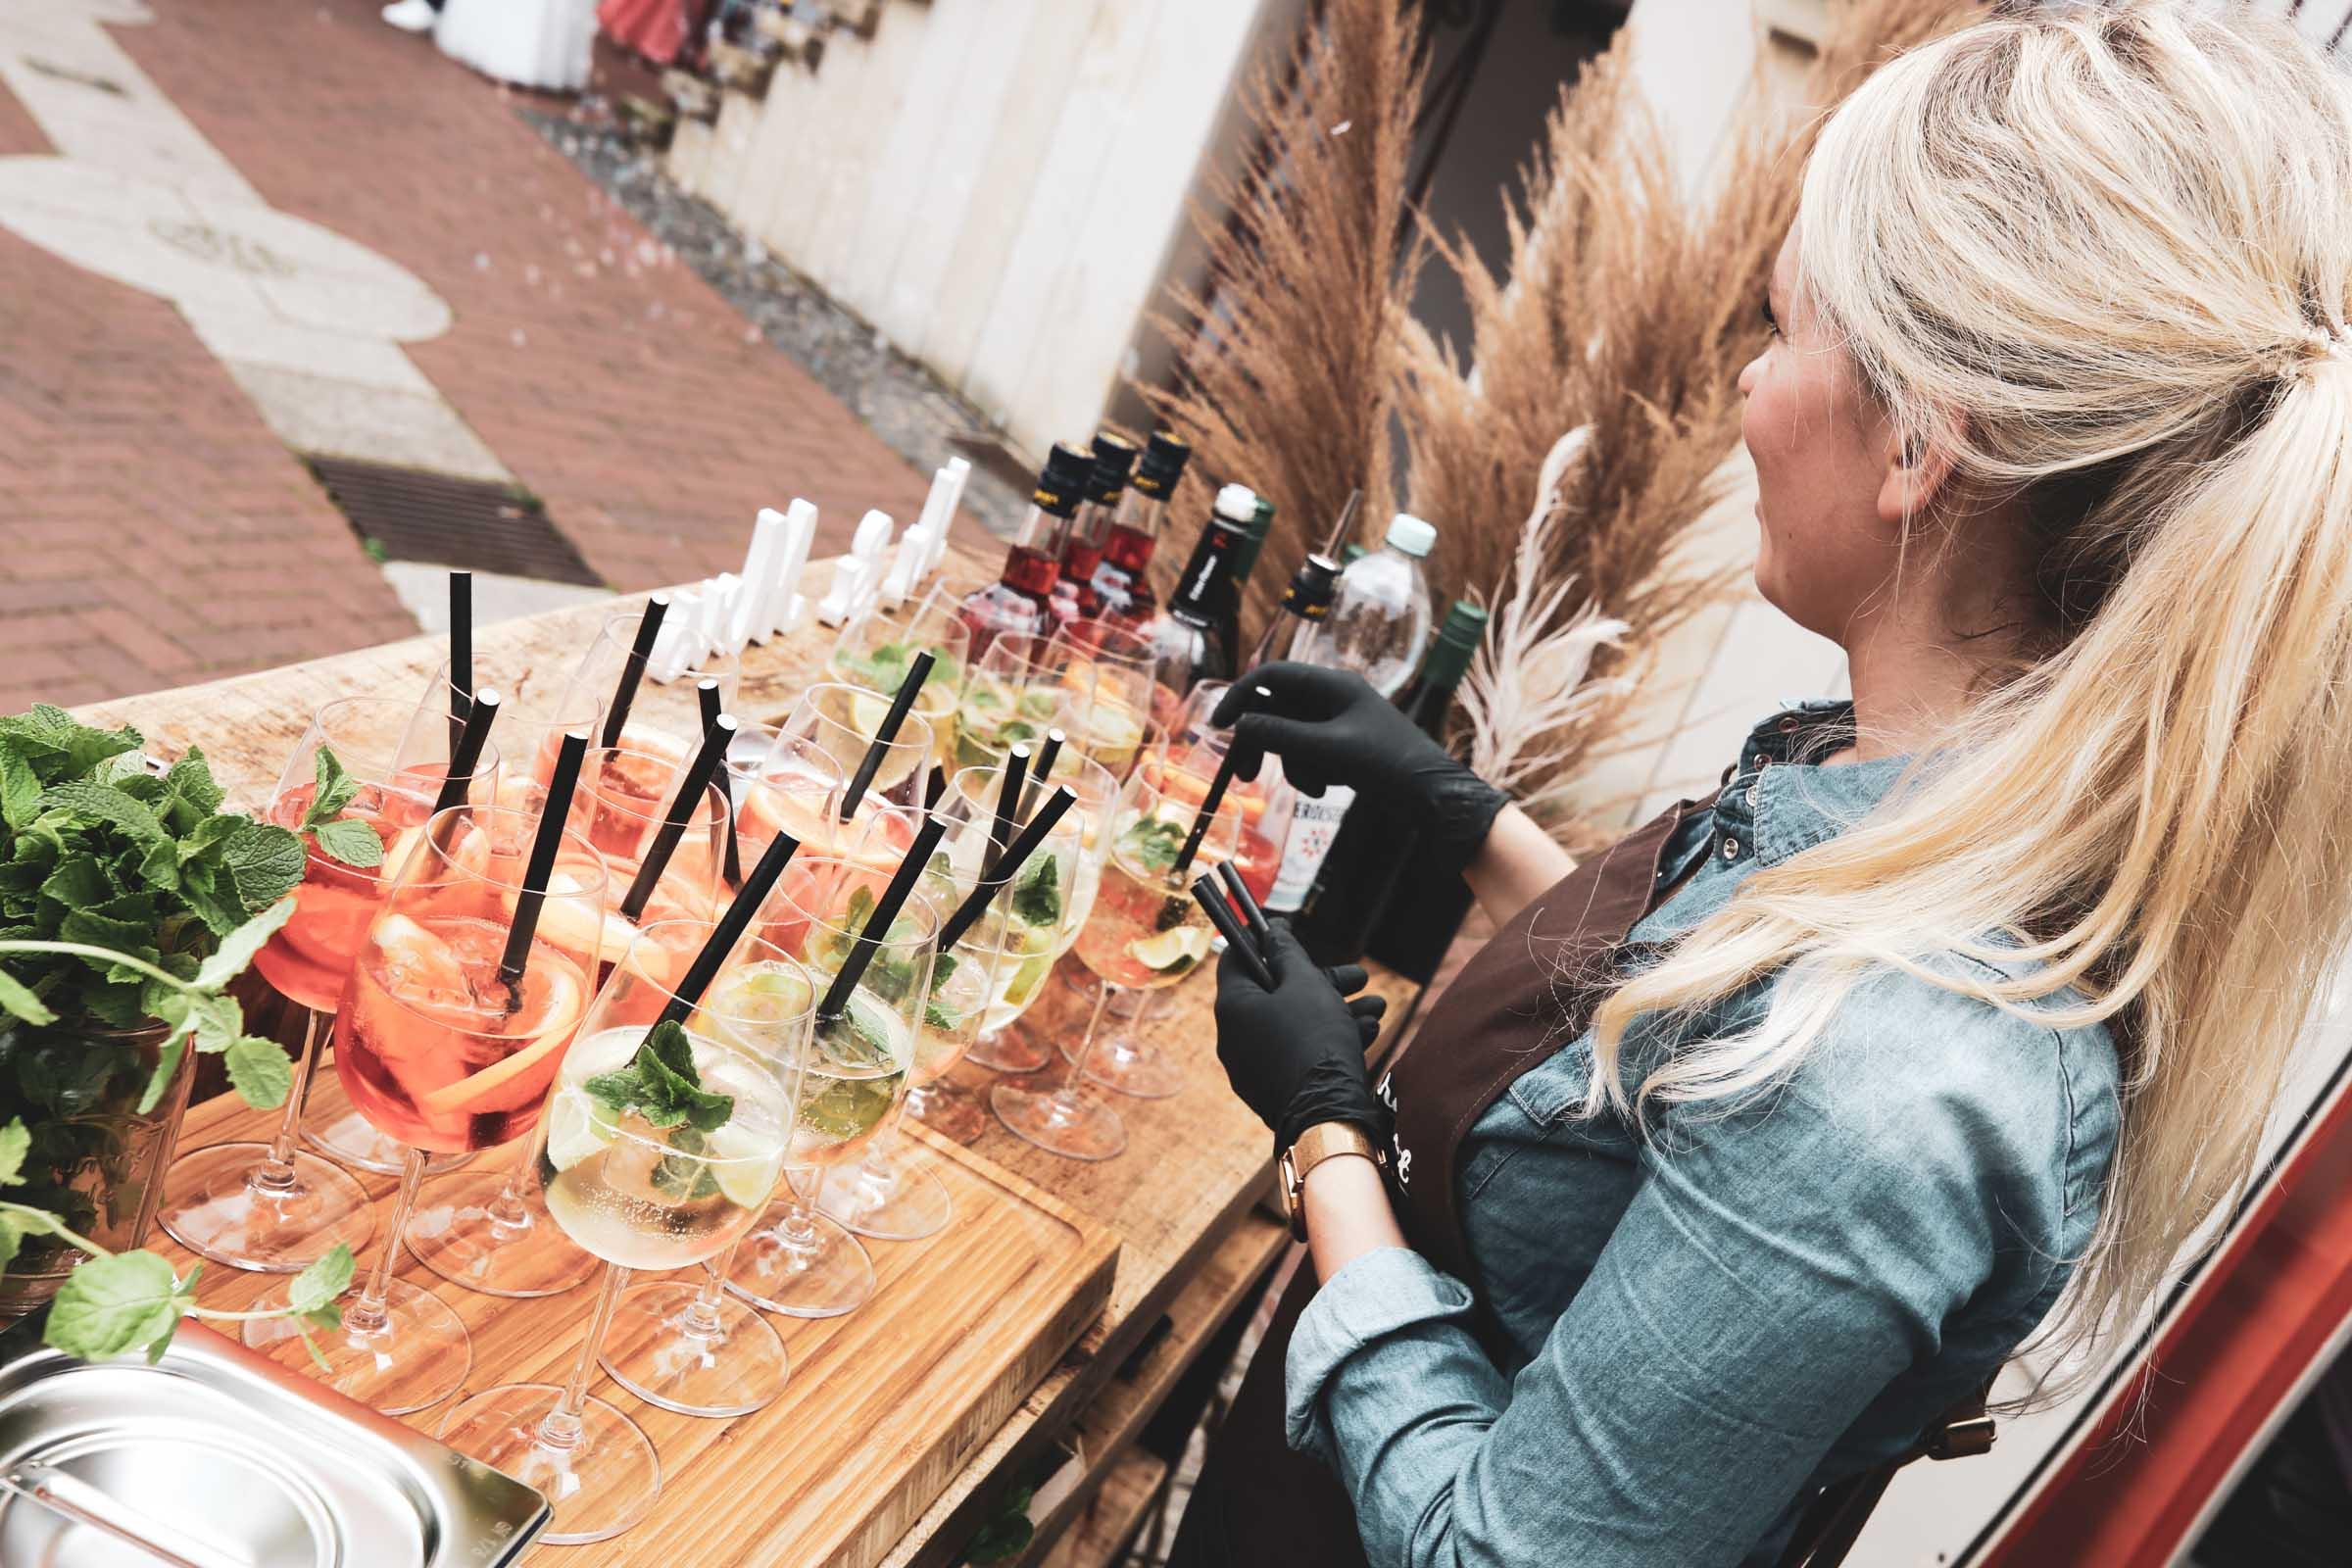 Cocktailservice | Hannover | Mobile | Bar | Bulli | VW | Barformat | Hochzeit | Barkeeper | Getränke | Catering | Ginbar | Weinbar | Sektbar | Cocktails | Buchen | Mieten | Anfragen